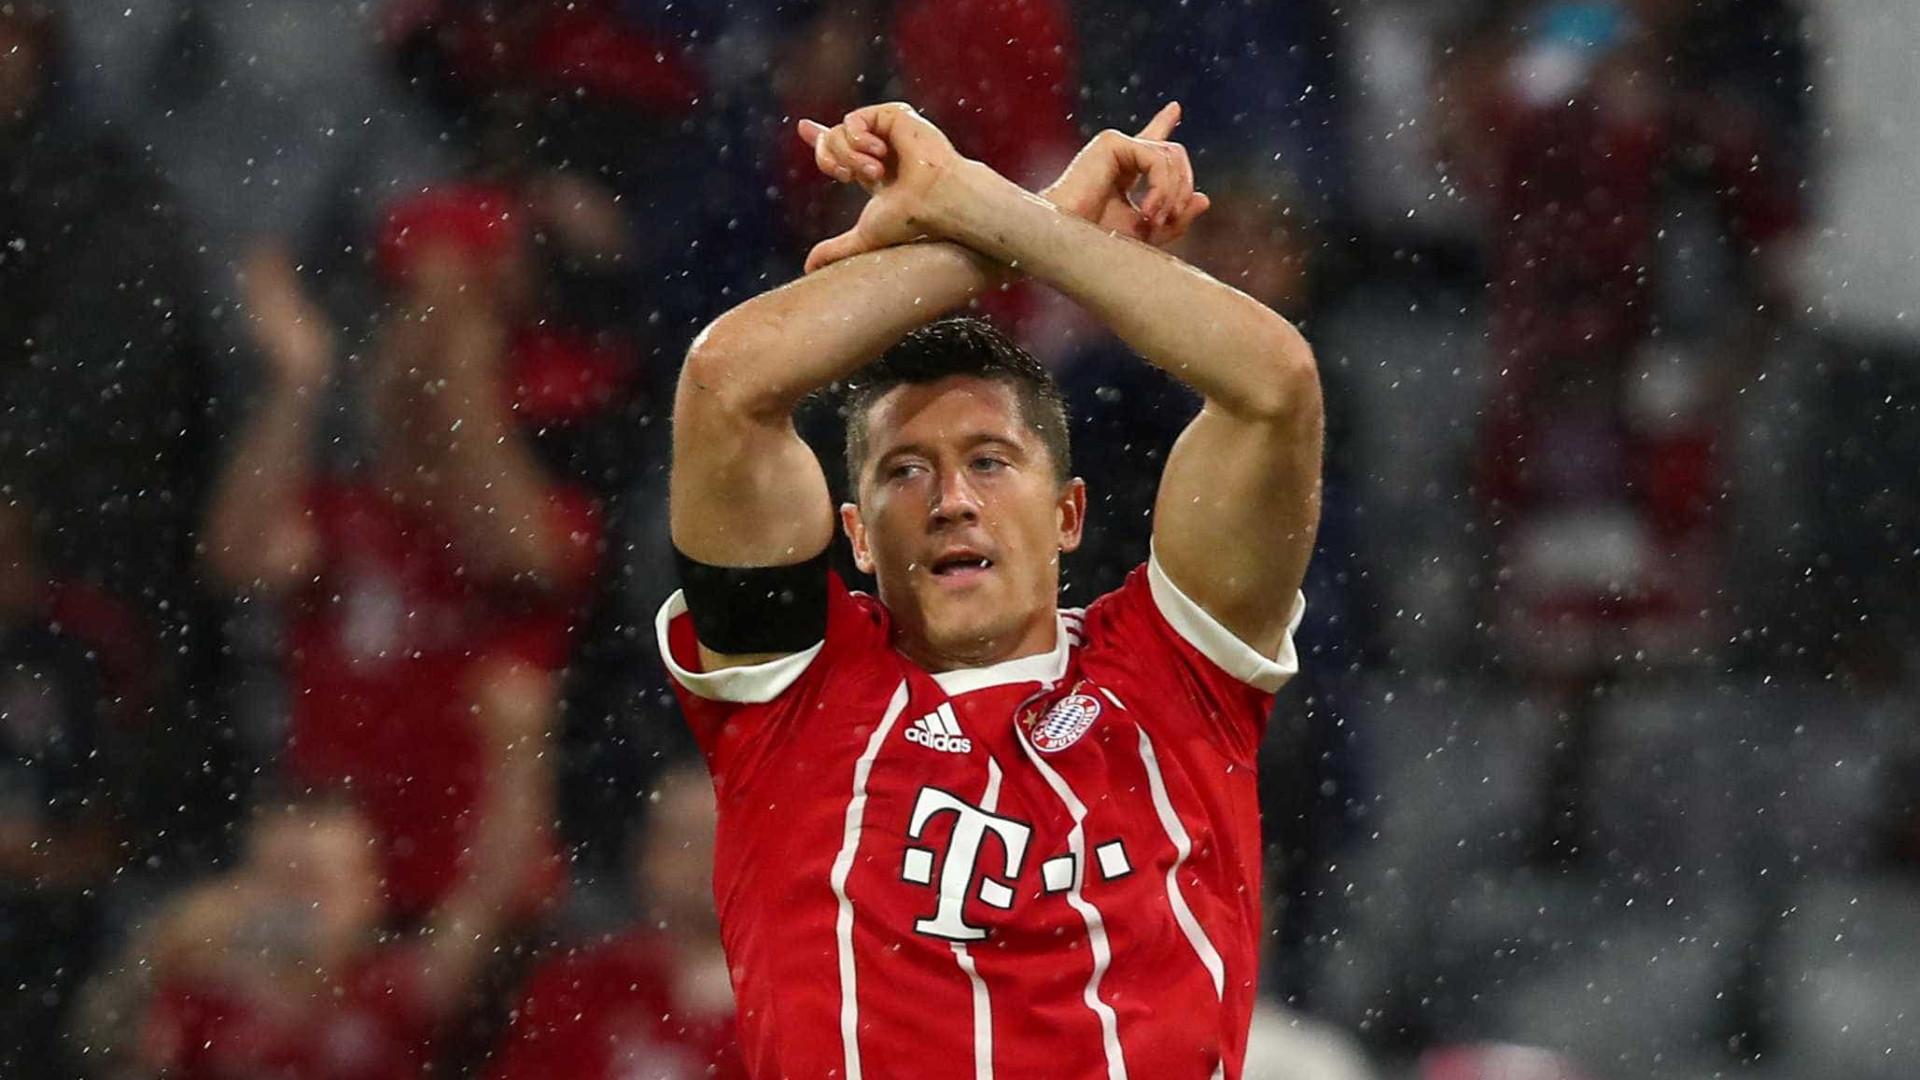 """Lewandowski """"chocado"""" com o lugar em que ficou na última Bola de Ouro"""